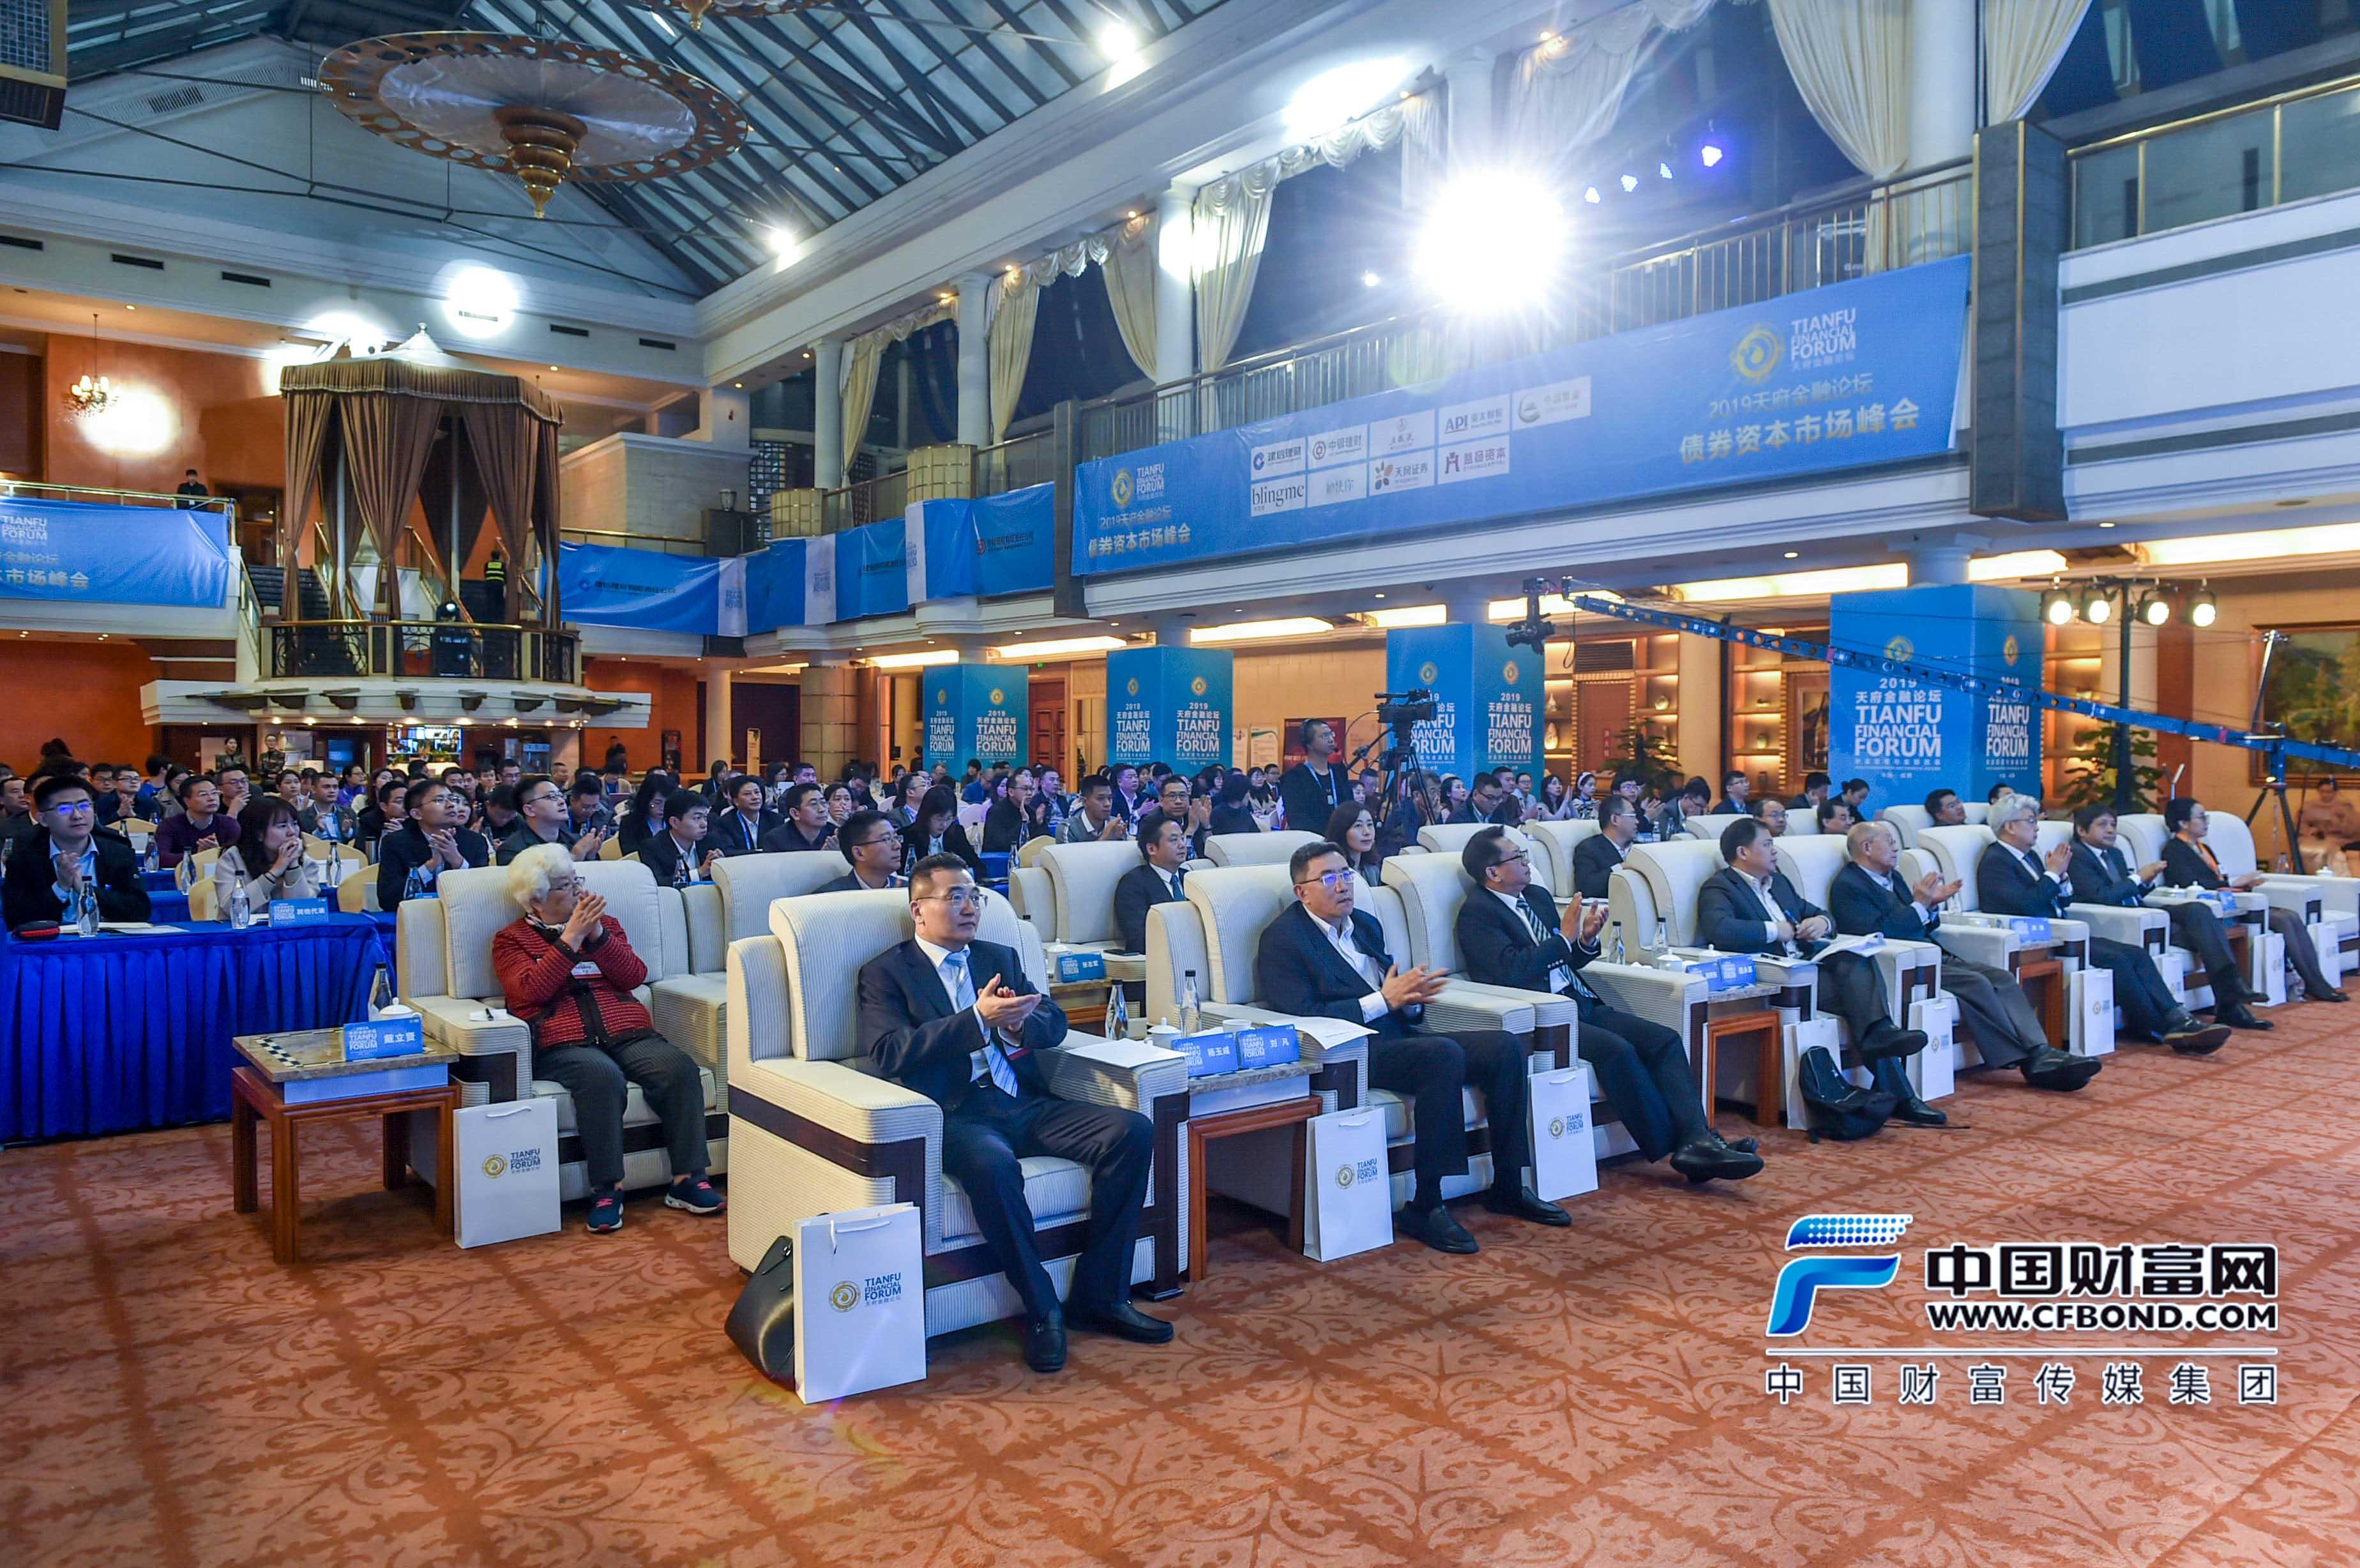 2019天府金融论坛——债券资本市场峰会在成都举行